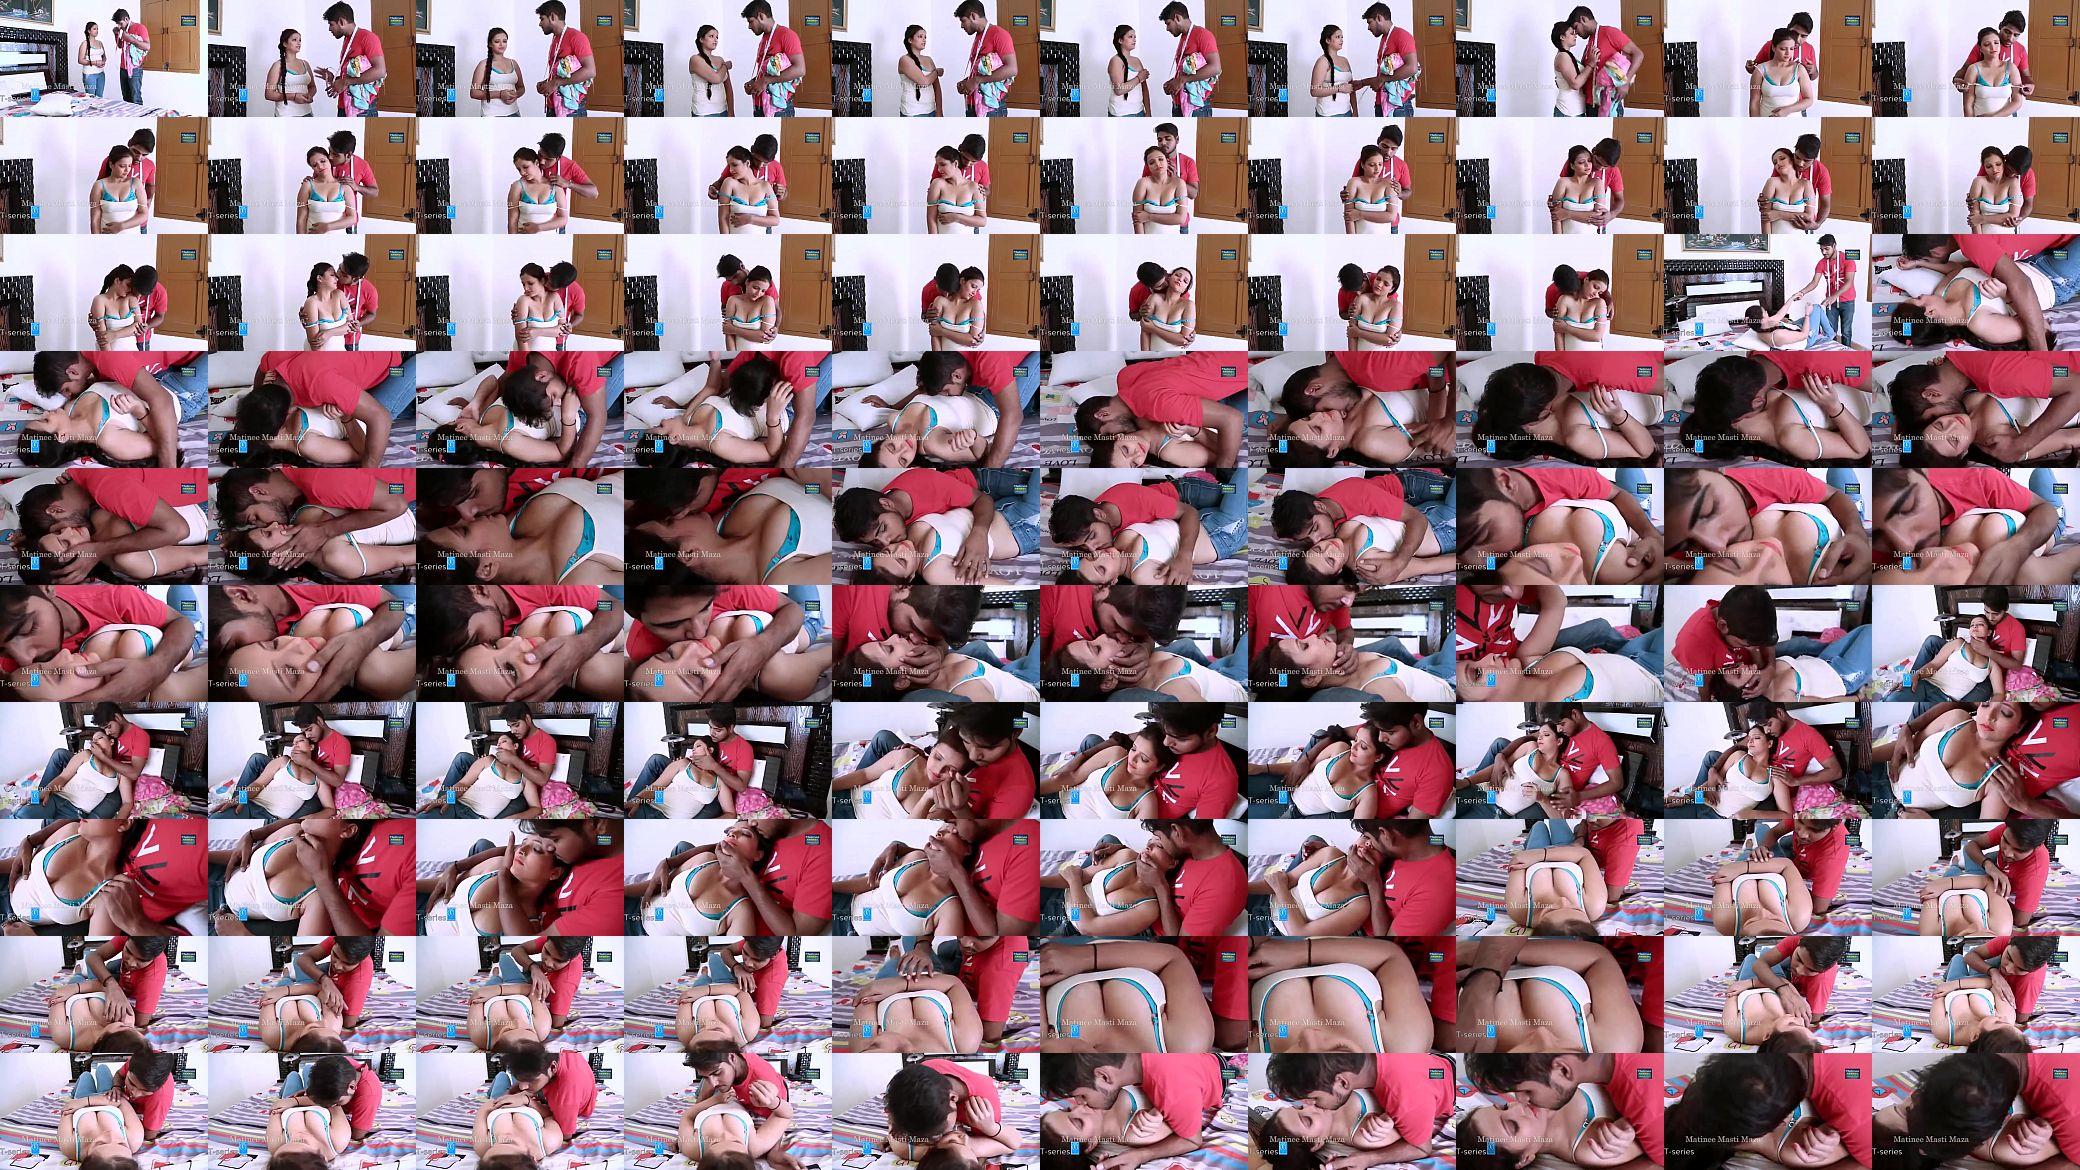 Free video clips of nude cheerleaders